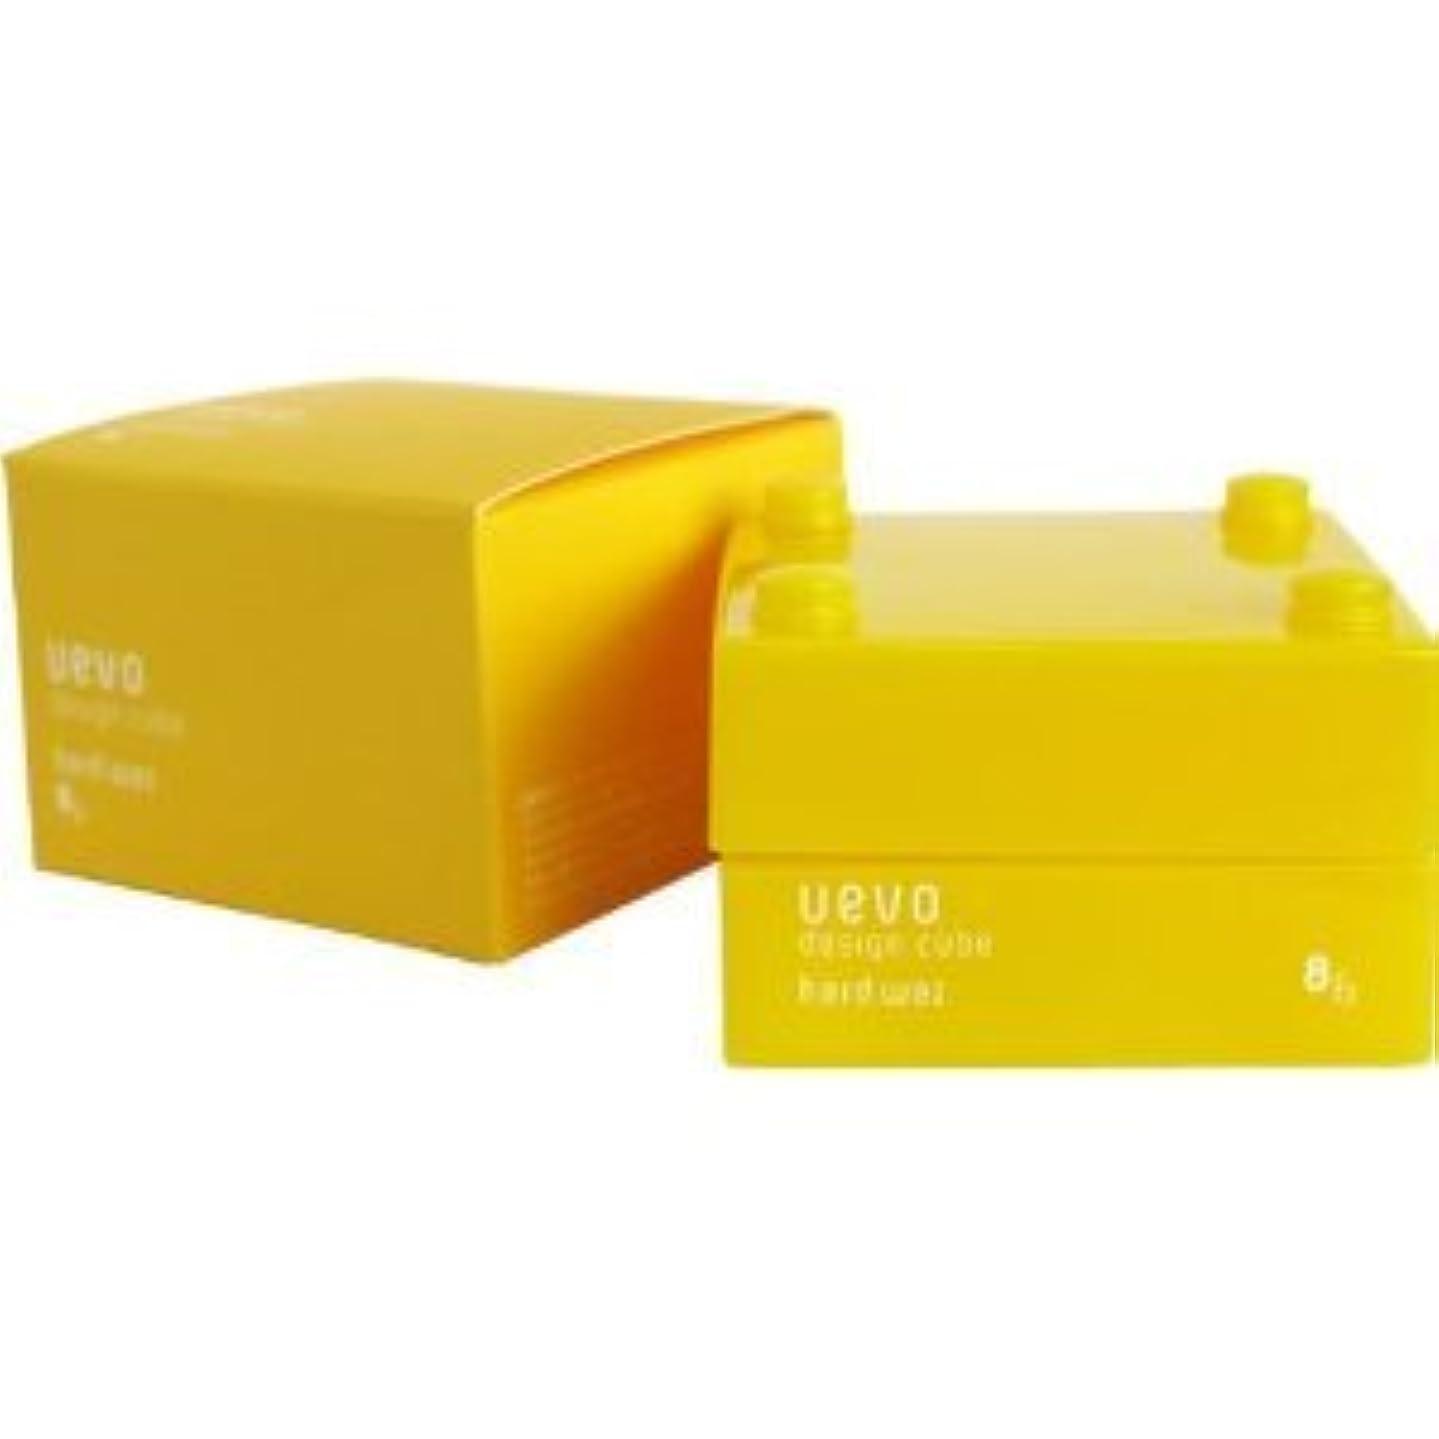 メガロポリスポンペイギャラリー【X2個セット】 デミ ウェーボ デザインキューブ ハードワックス 30g hard wax DEMI uevo design cube